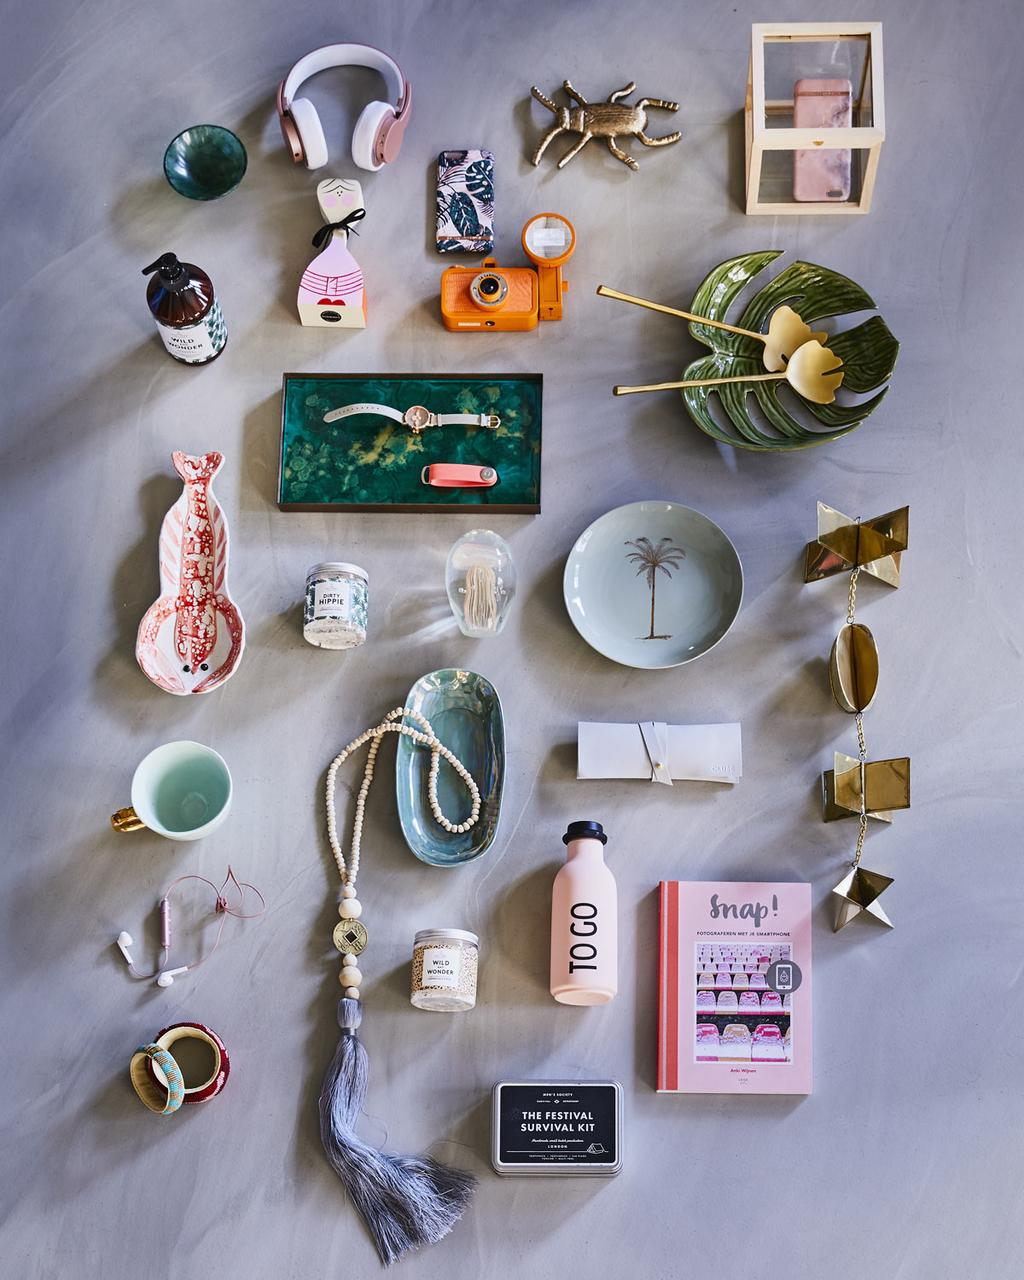 Een tafel vol met cadeaus